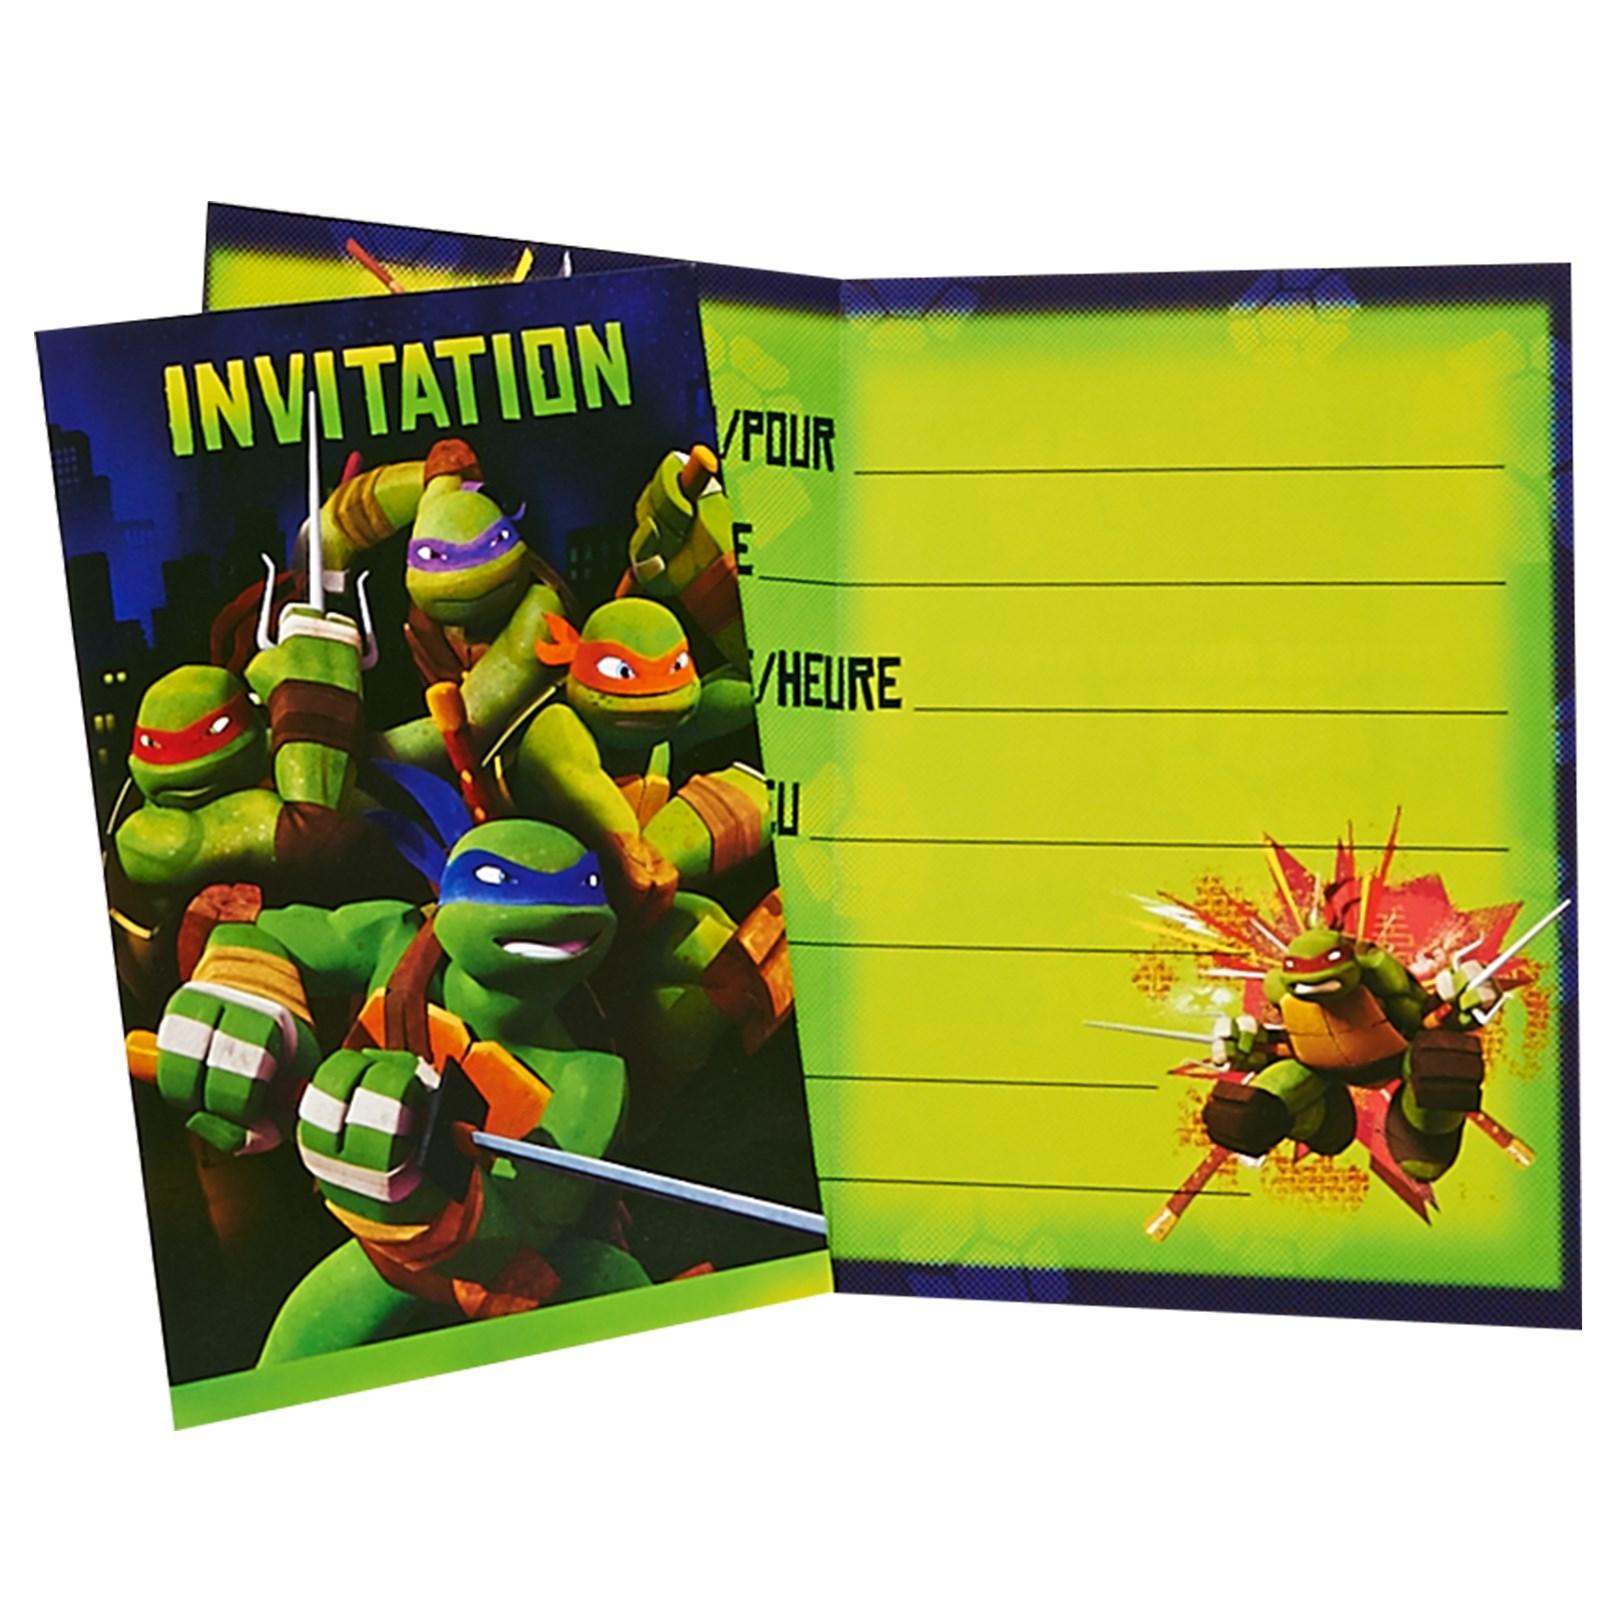 Nickelodeon Teenage Mutant Ninja Turtles Invitations – Teenage Mutant Ninja Turtles Birthday Invites